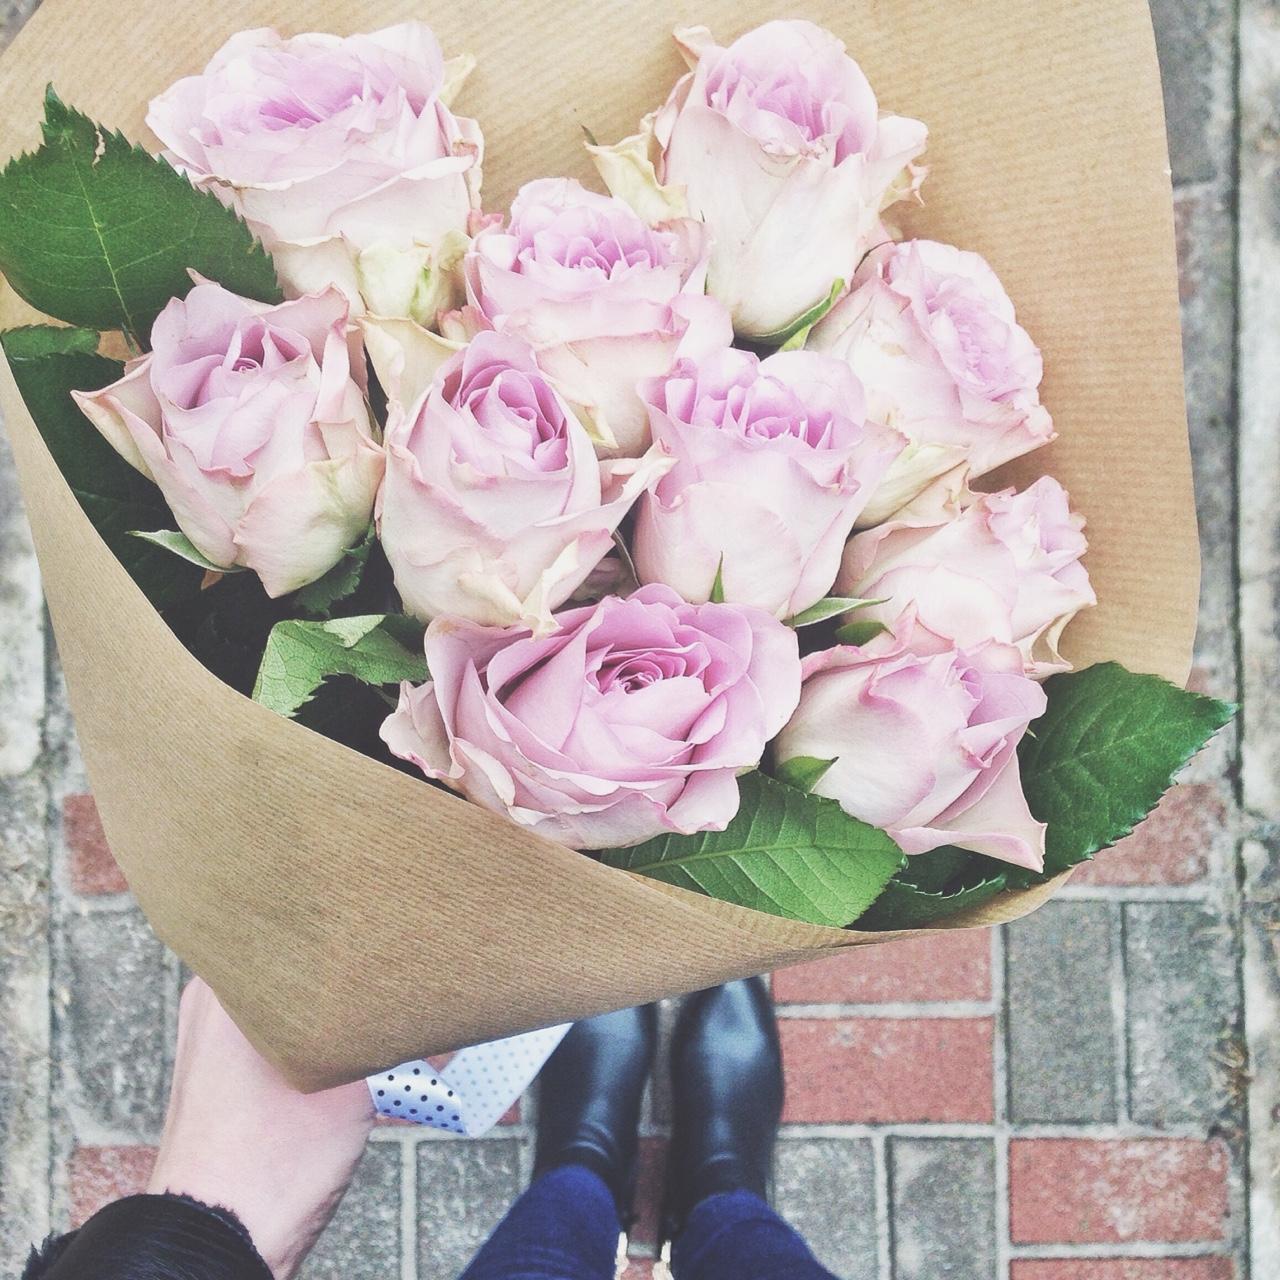 Фото для инстаграмм цветы 81